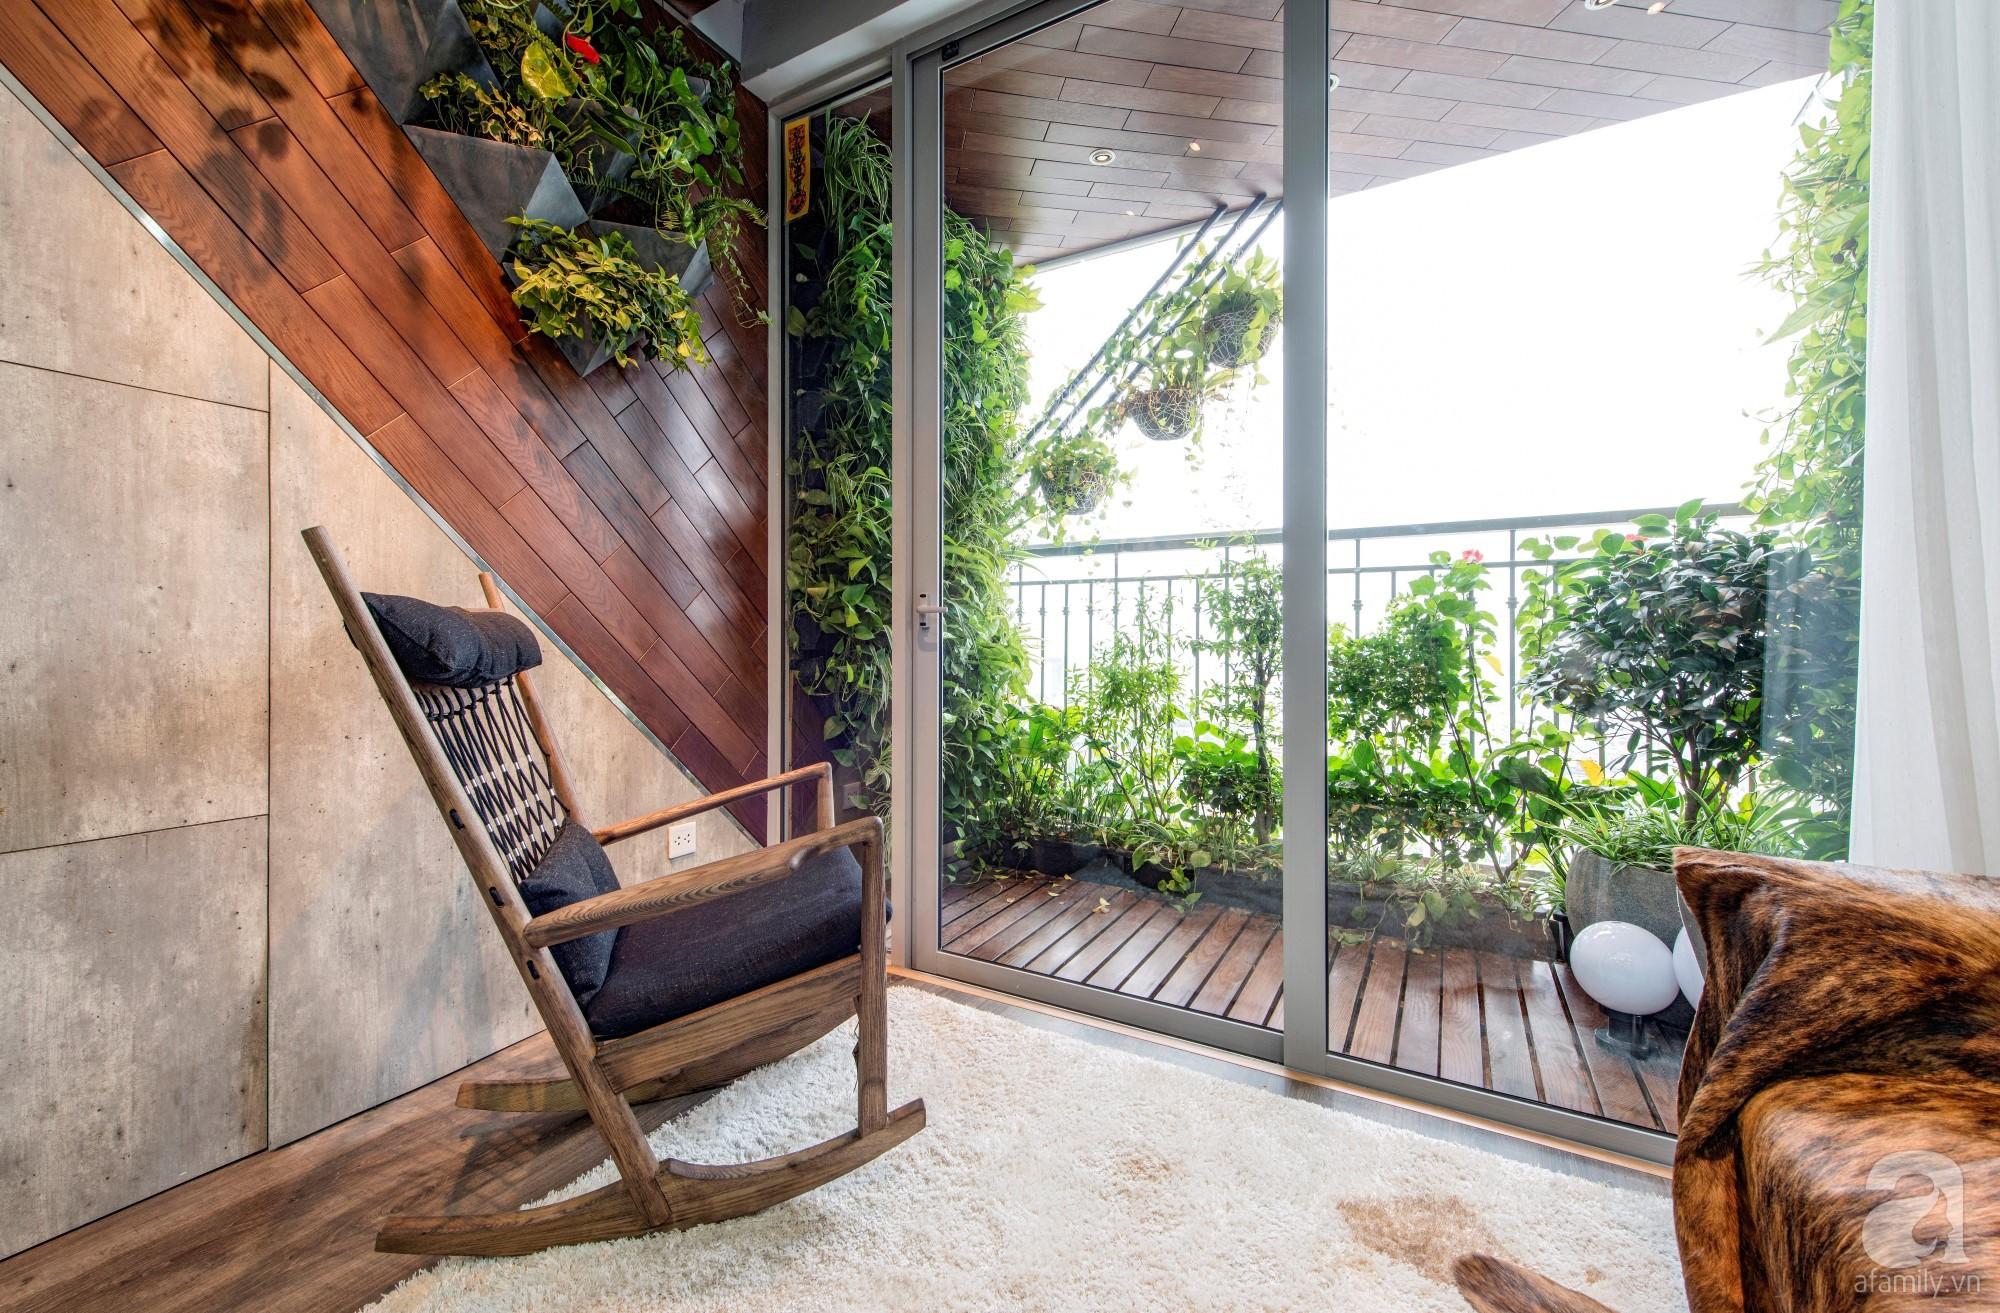 Căn hộ 80m² trên tầng 21 đẹp độc đáo với chi phí cải tạo 780 triệu đồng của chủ nhà yêu cây xanh - Ảnh 2.